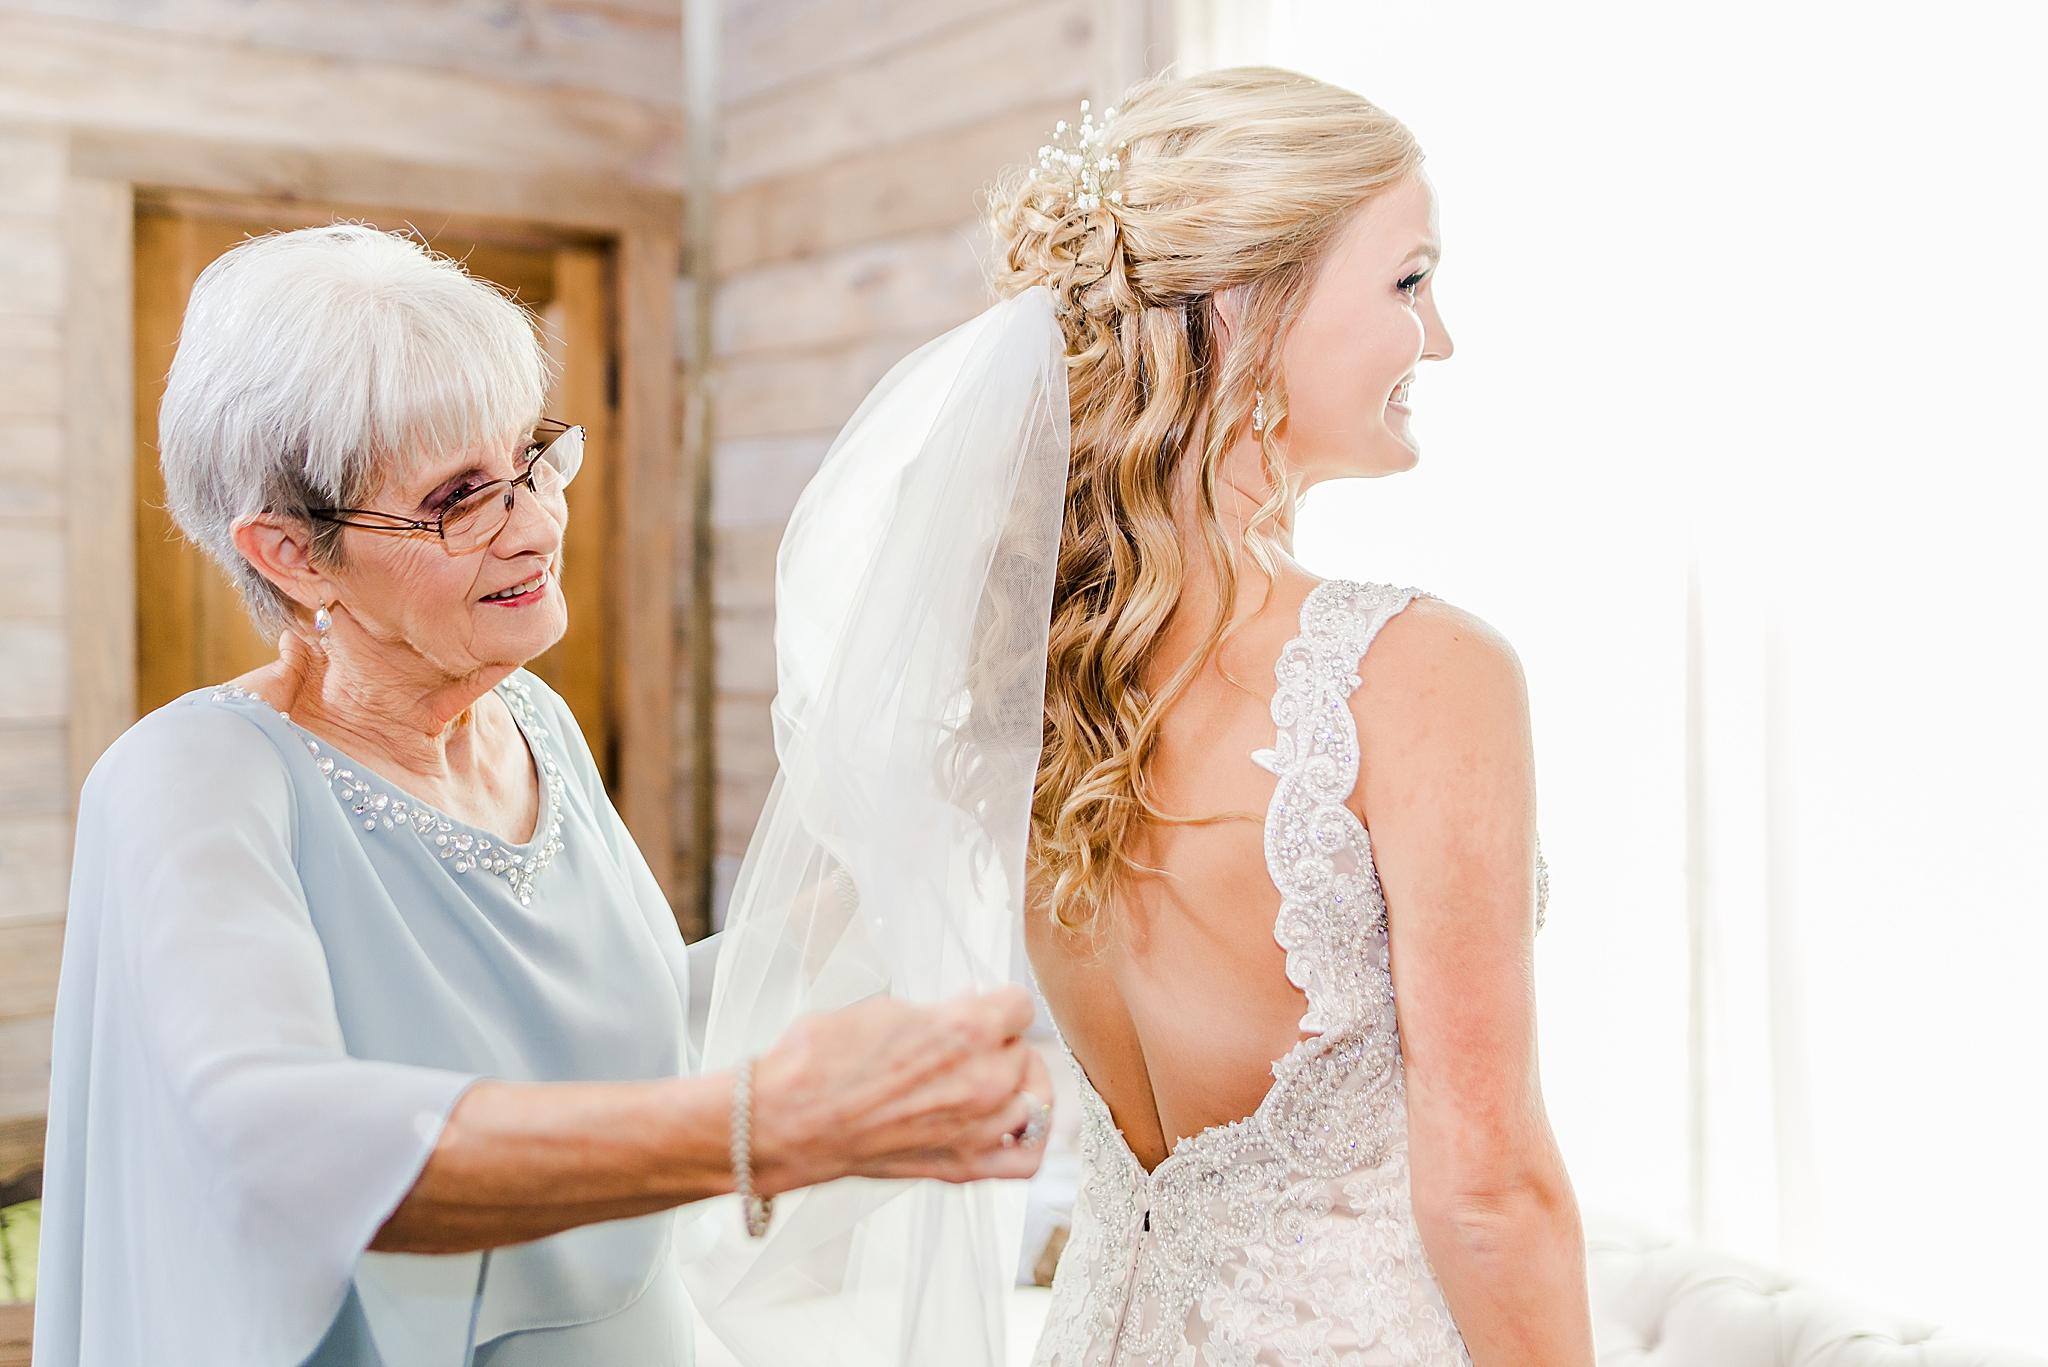 grandmother adjusts veil for bride